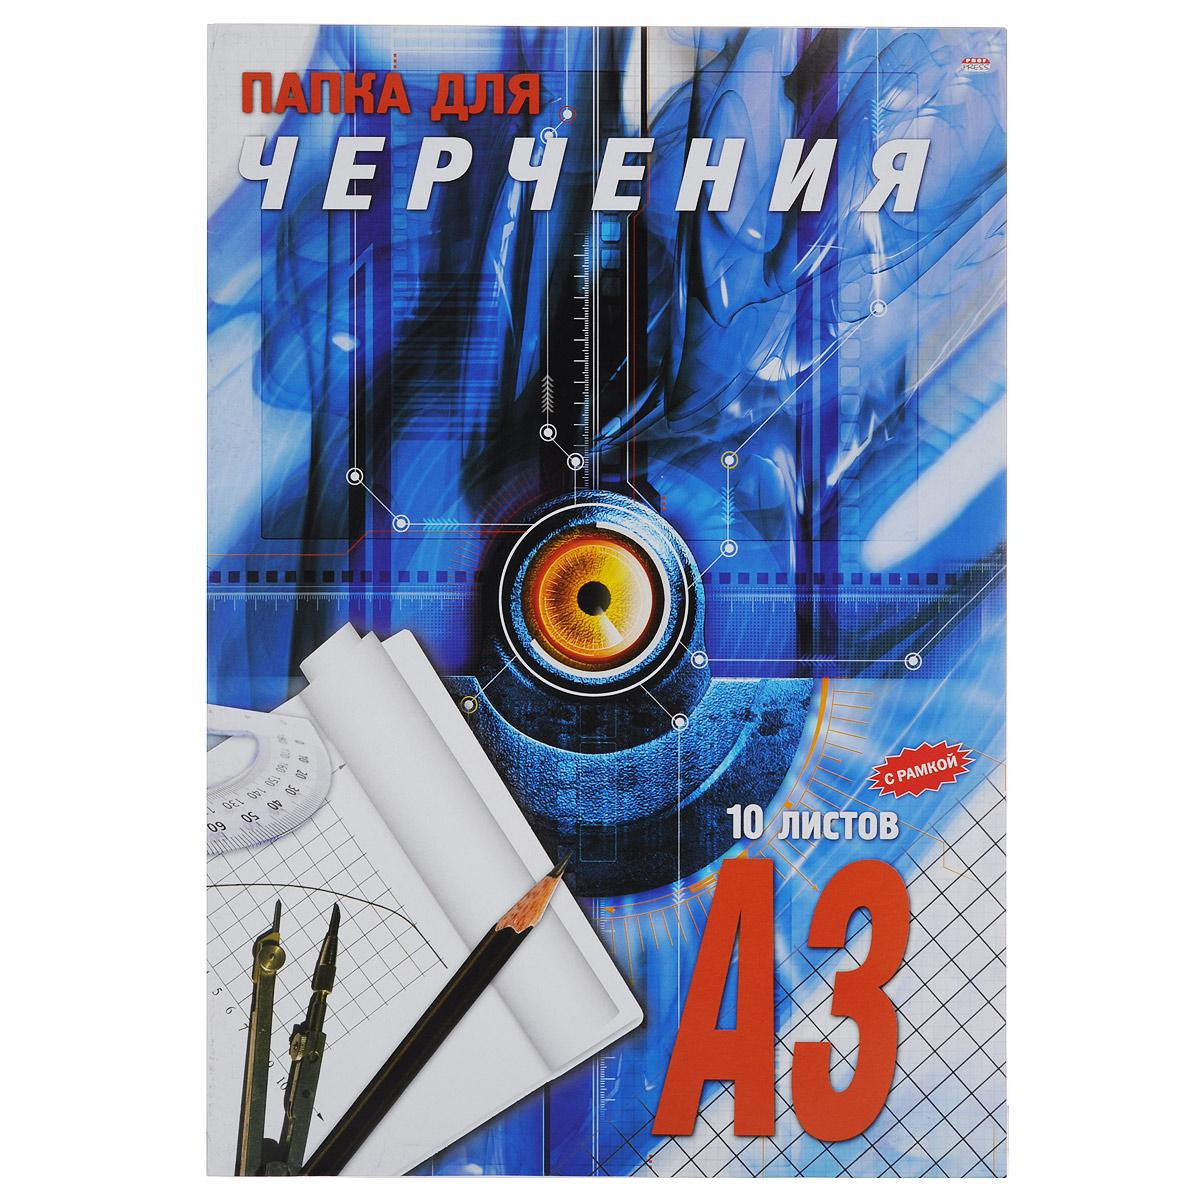 Папка для черчения Prof Press, формат А3, 10 листов72523WDПапка для черчения Prof Press включает 10 листов белого цвета формата А3. Бумага предназначена для черчения, оснащена вертикальной рамкой. Цветная обложка.